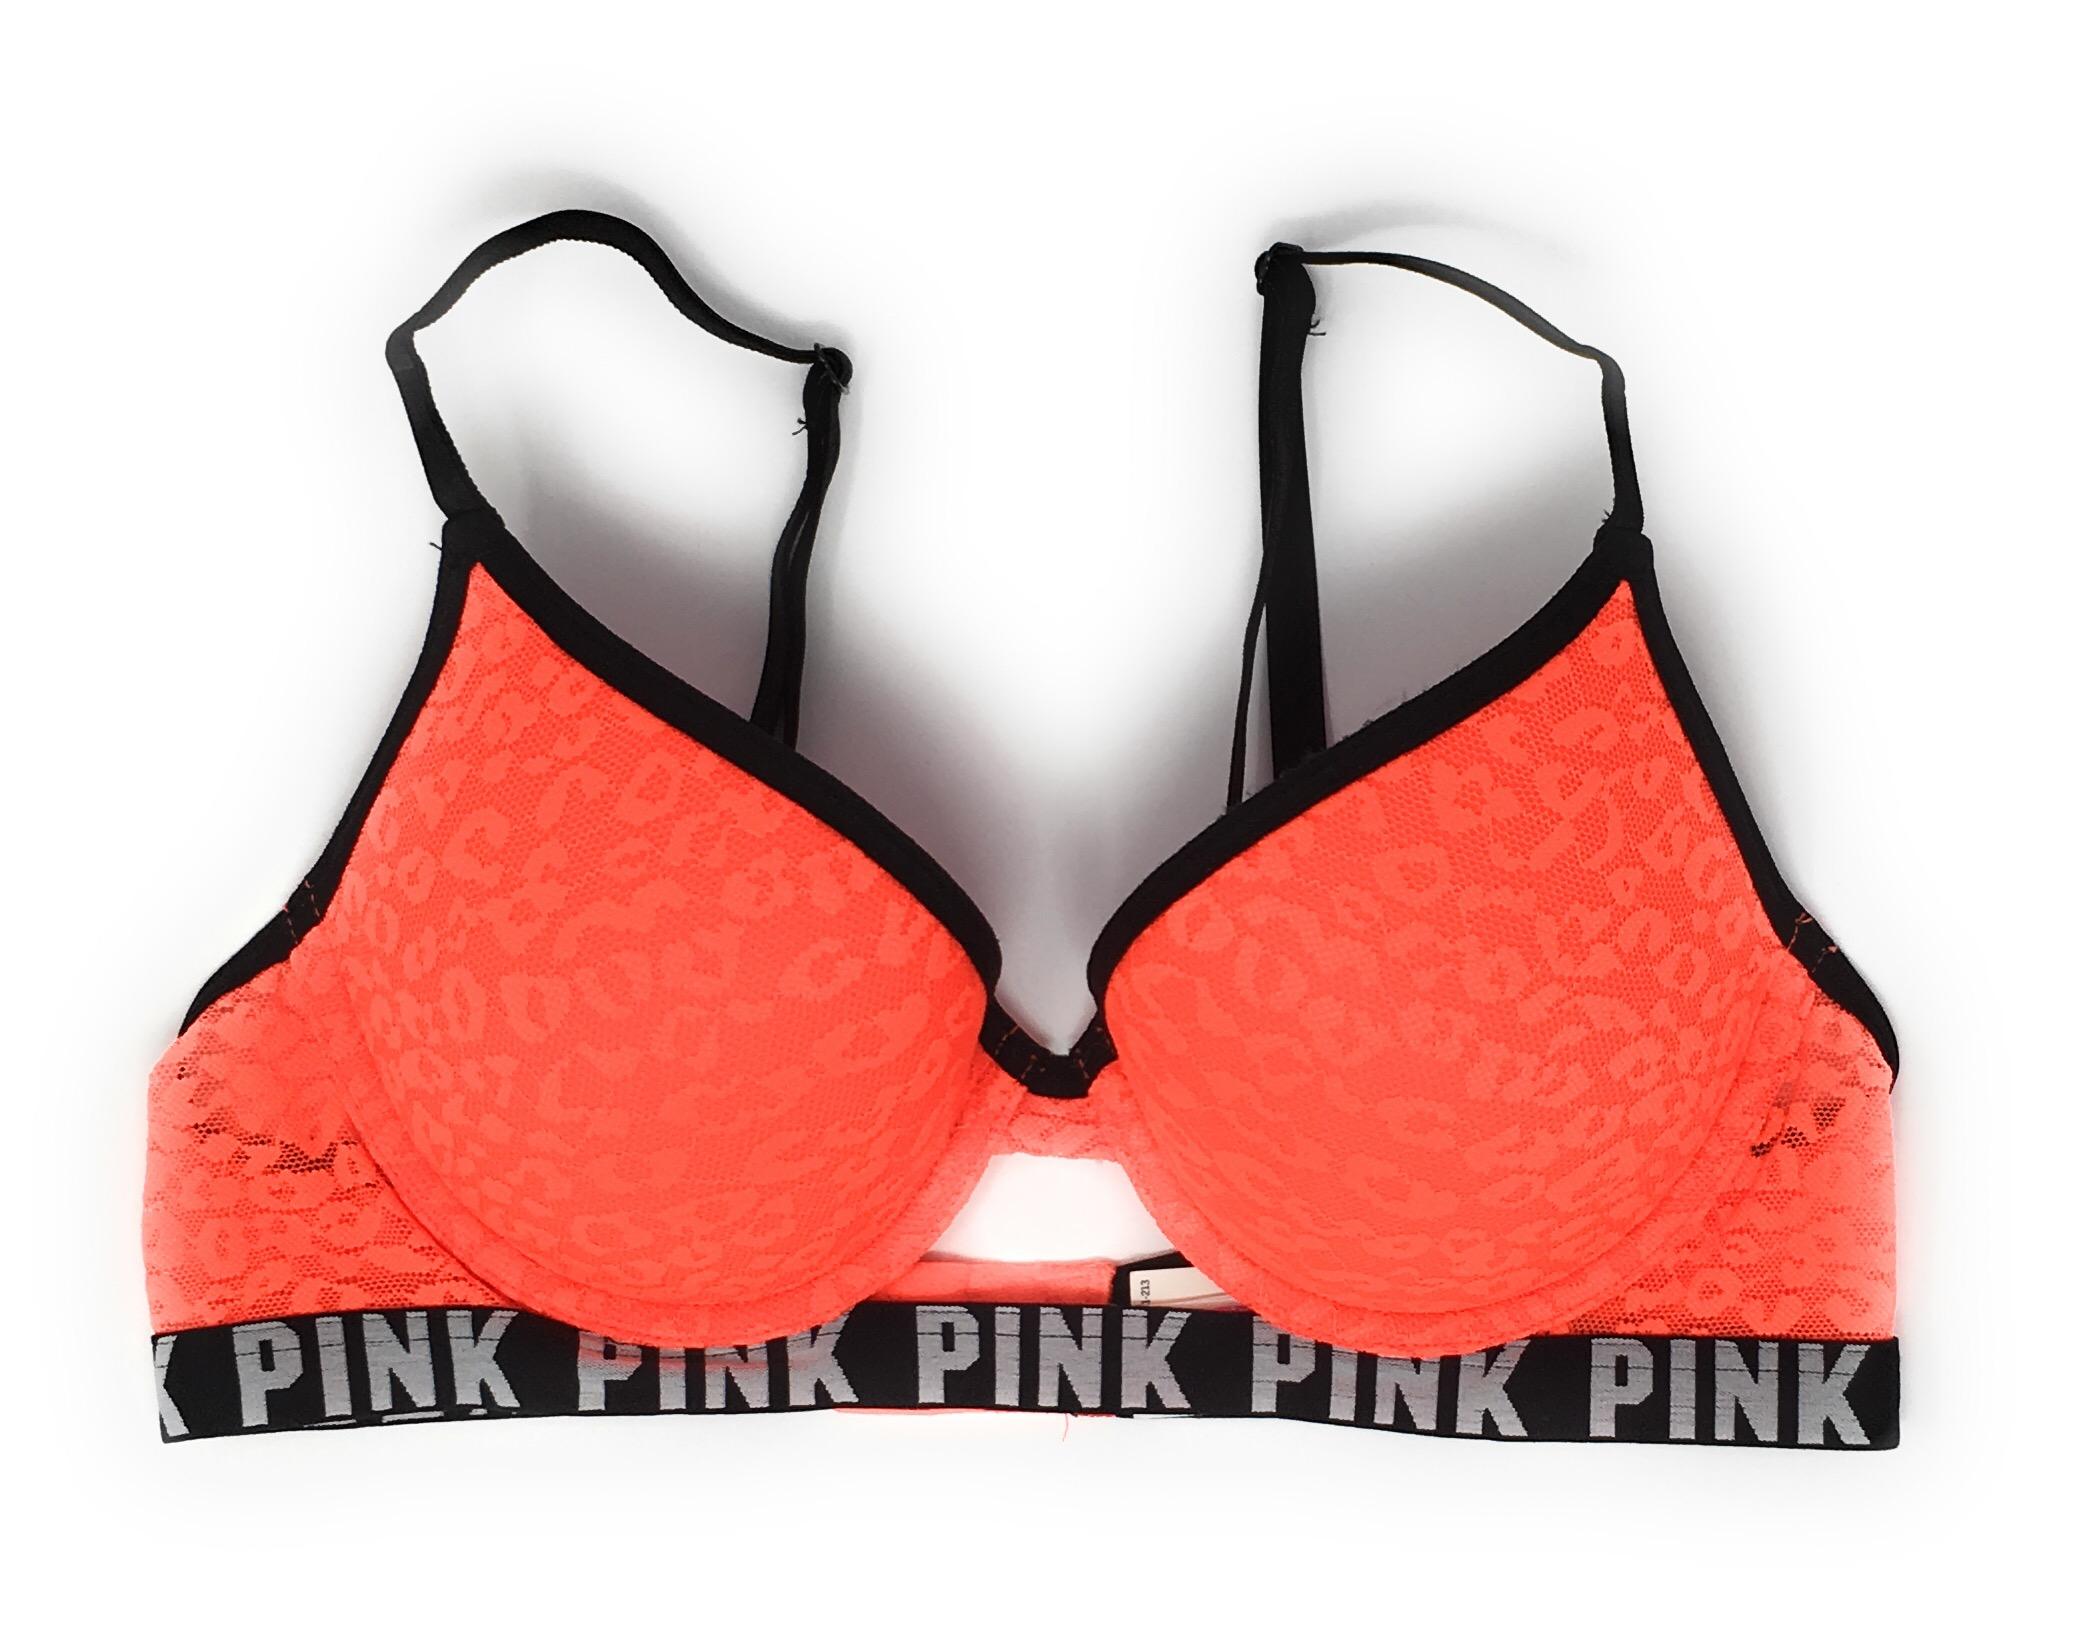 Victorias Secret Pink Strappy Back Leopard Lace Push-up Bra 32D Black